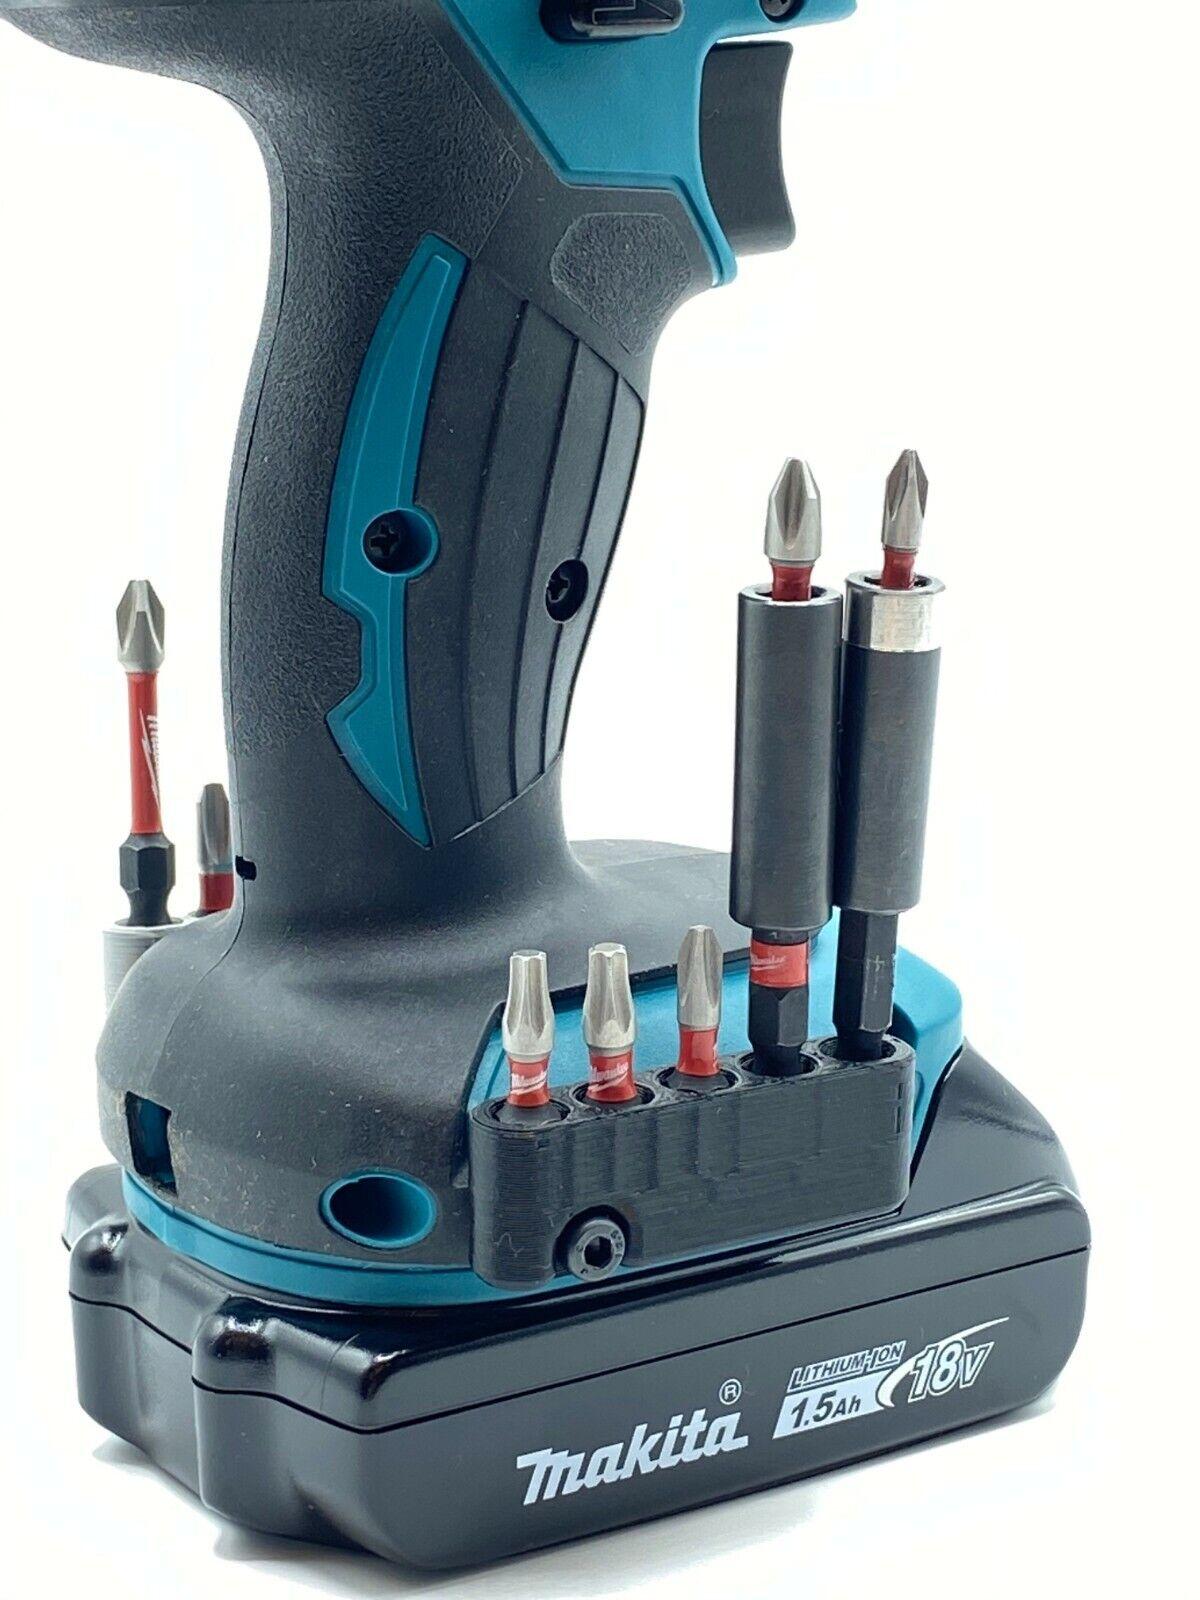 Magnetic Bit Holder 🧲 for MAKITA 18V 12V Tools (w/ Screw)